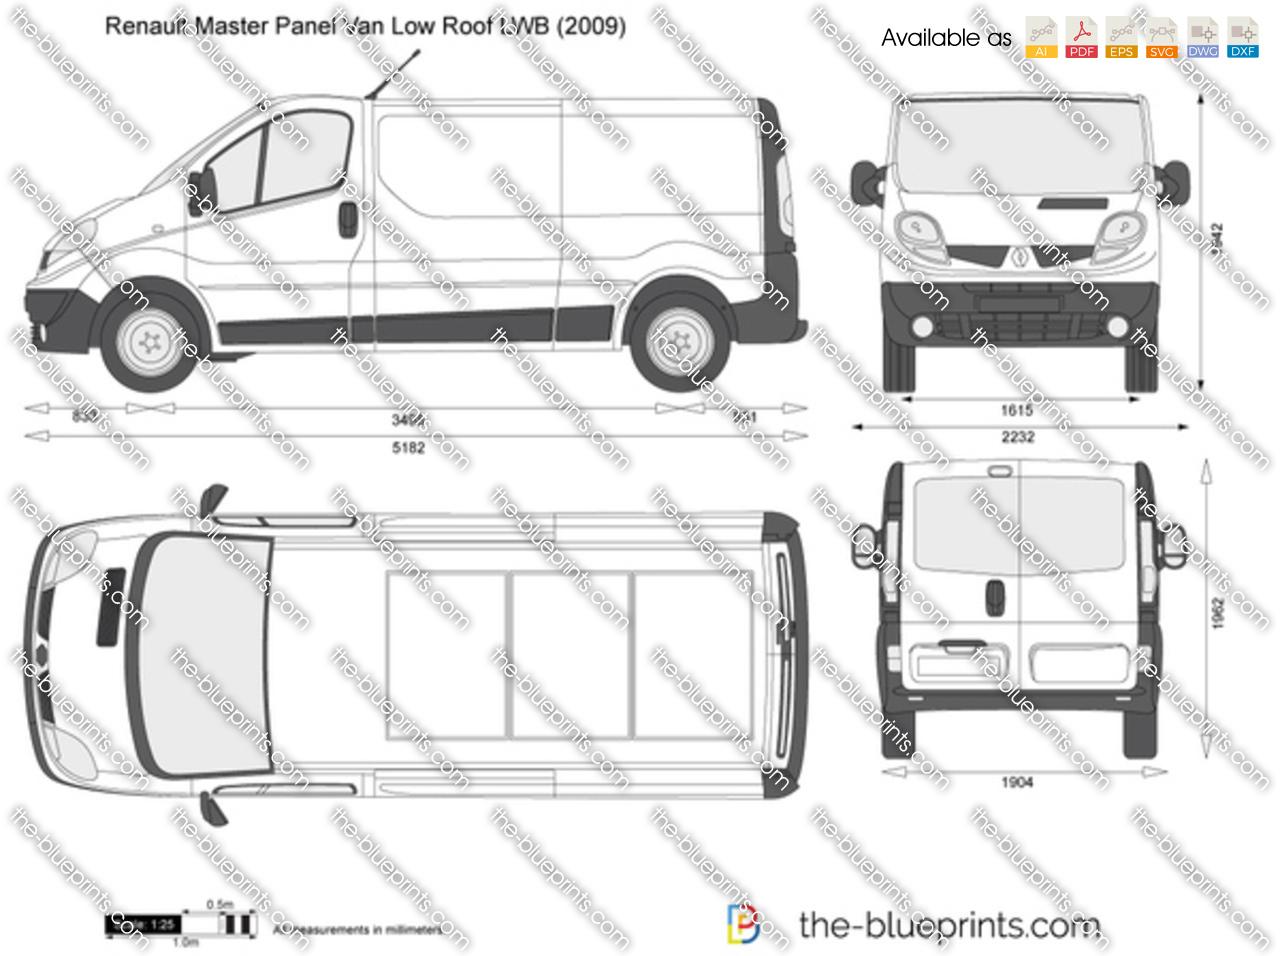 Renault Trafic Panel Van Low Roof LWB 2011